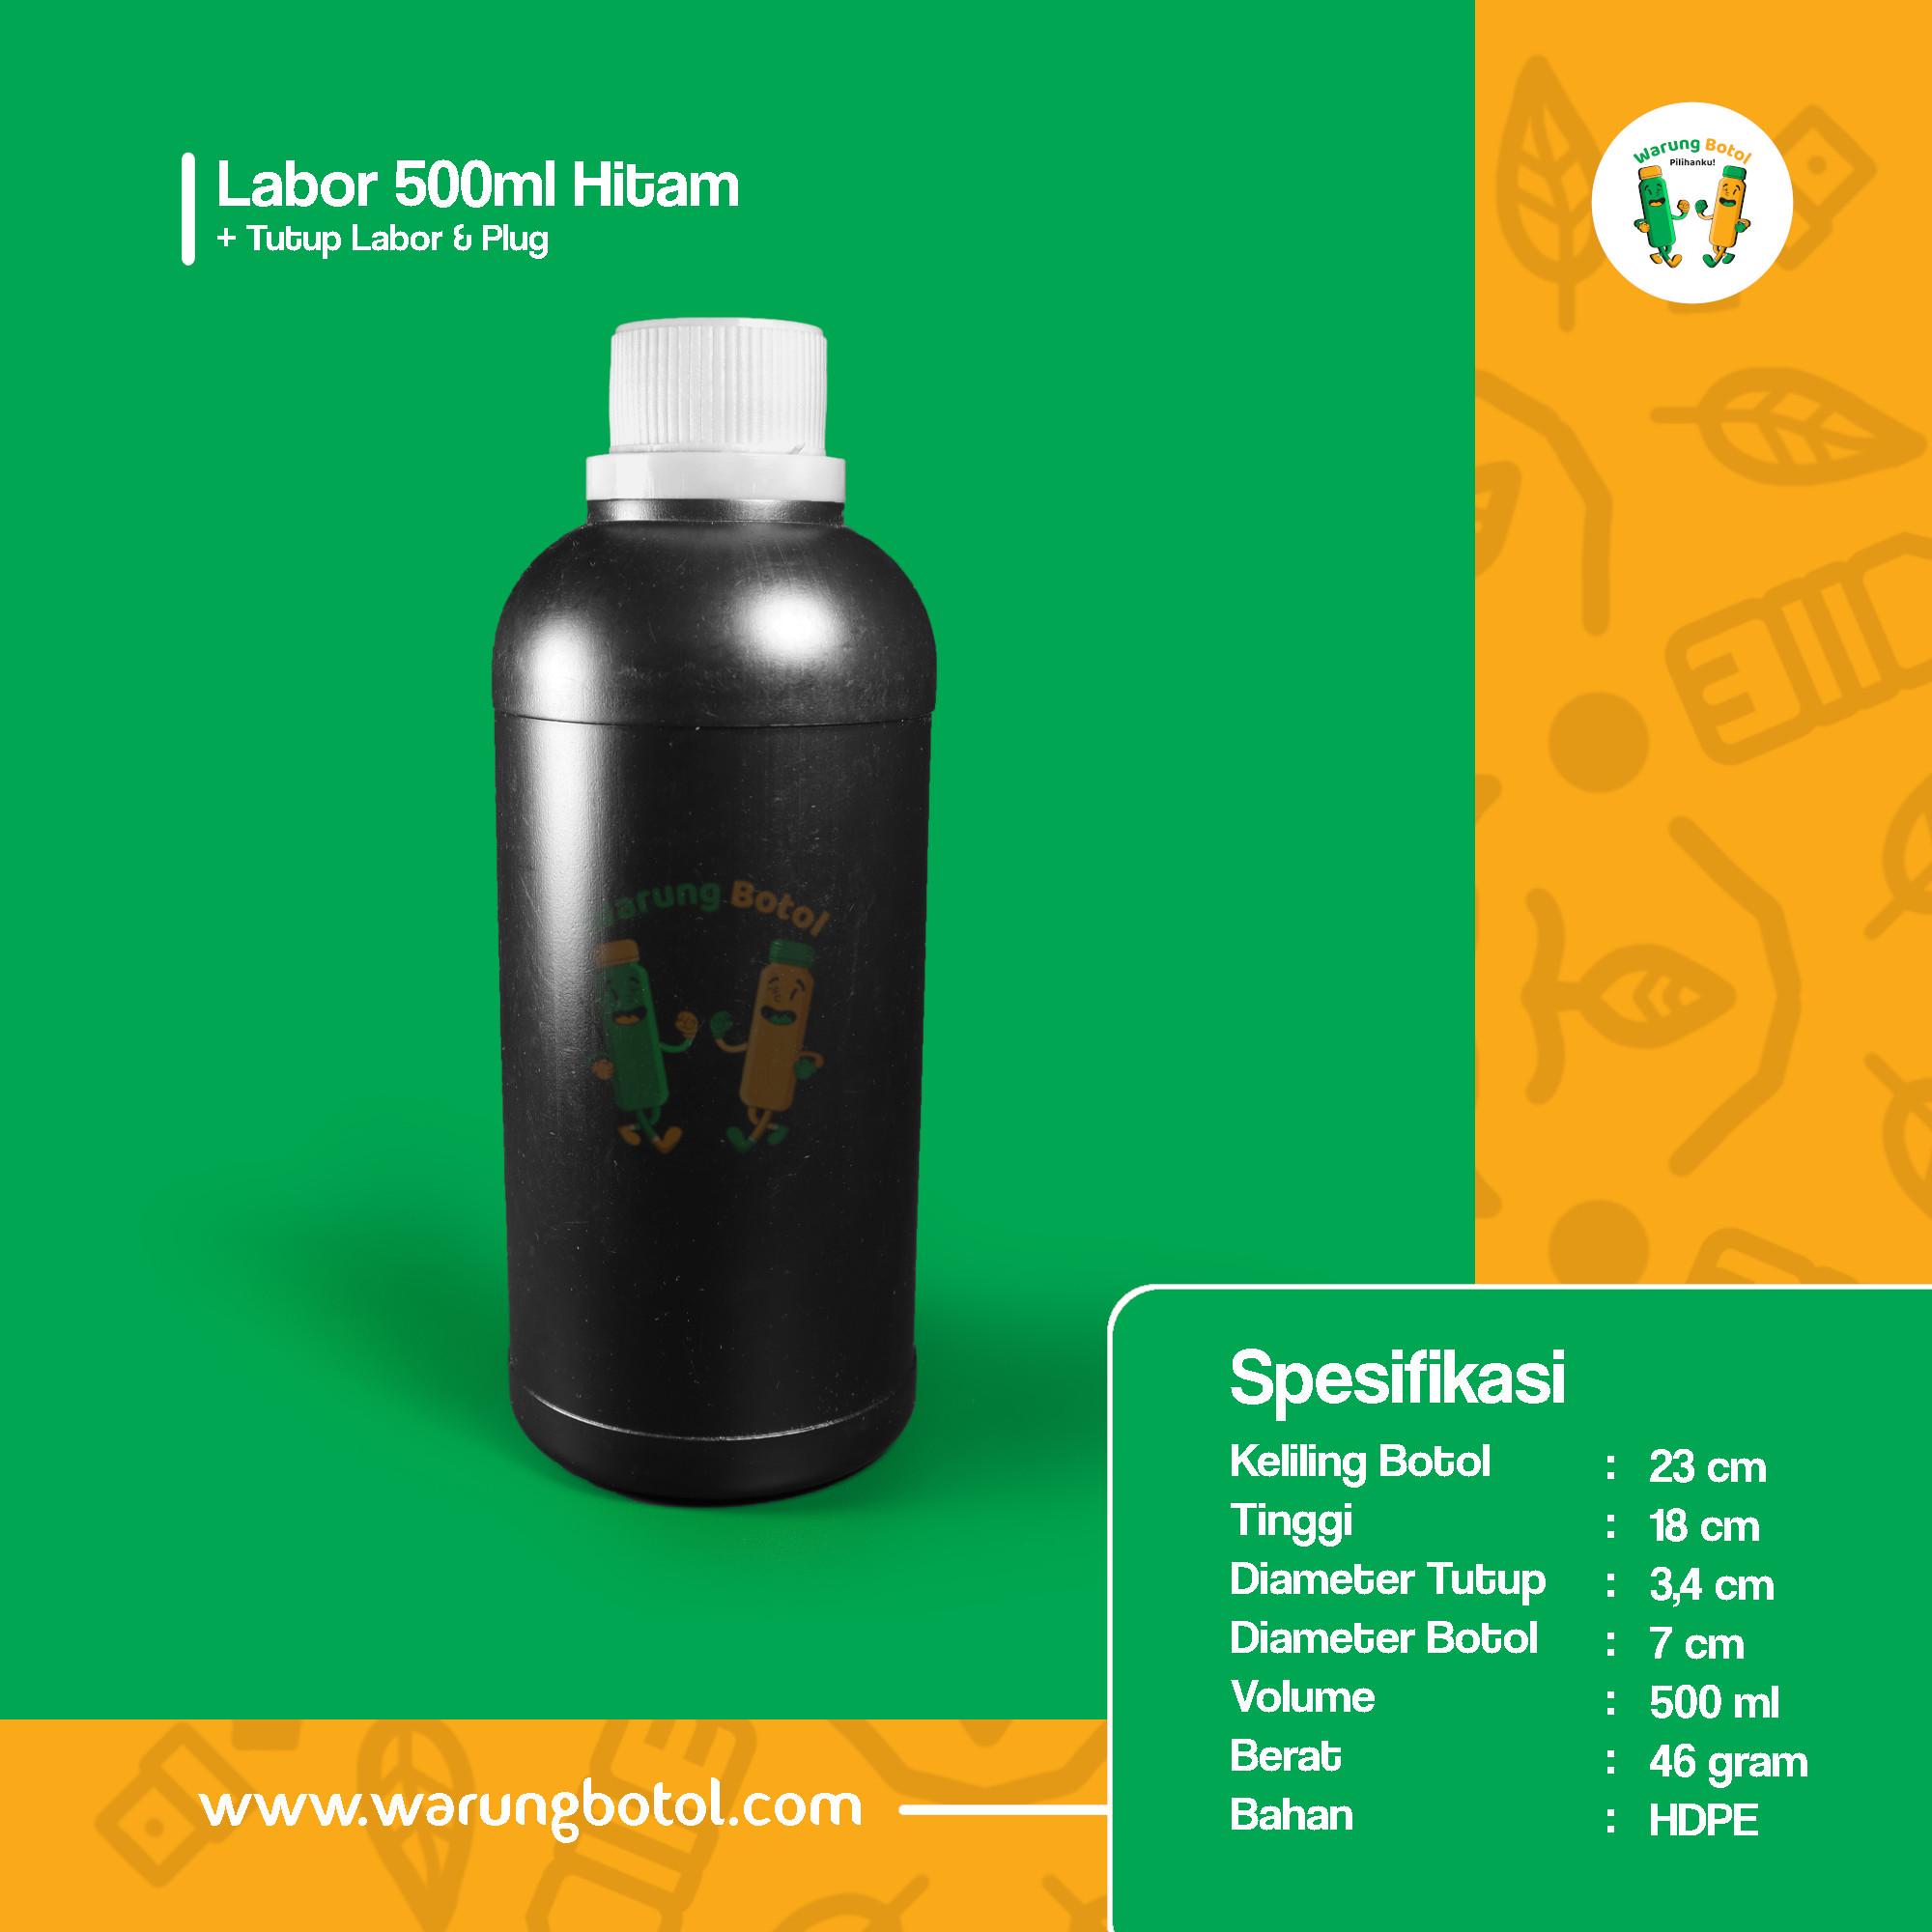 distributor toko jual botol plastik labor untuk bahan kimia 500ml hitam murah terdekat bandung jakarta bogor bekasi